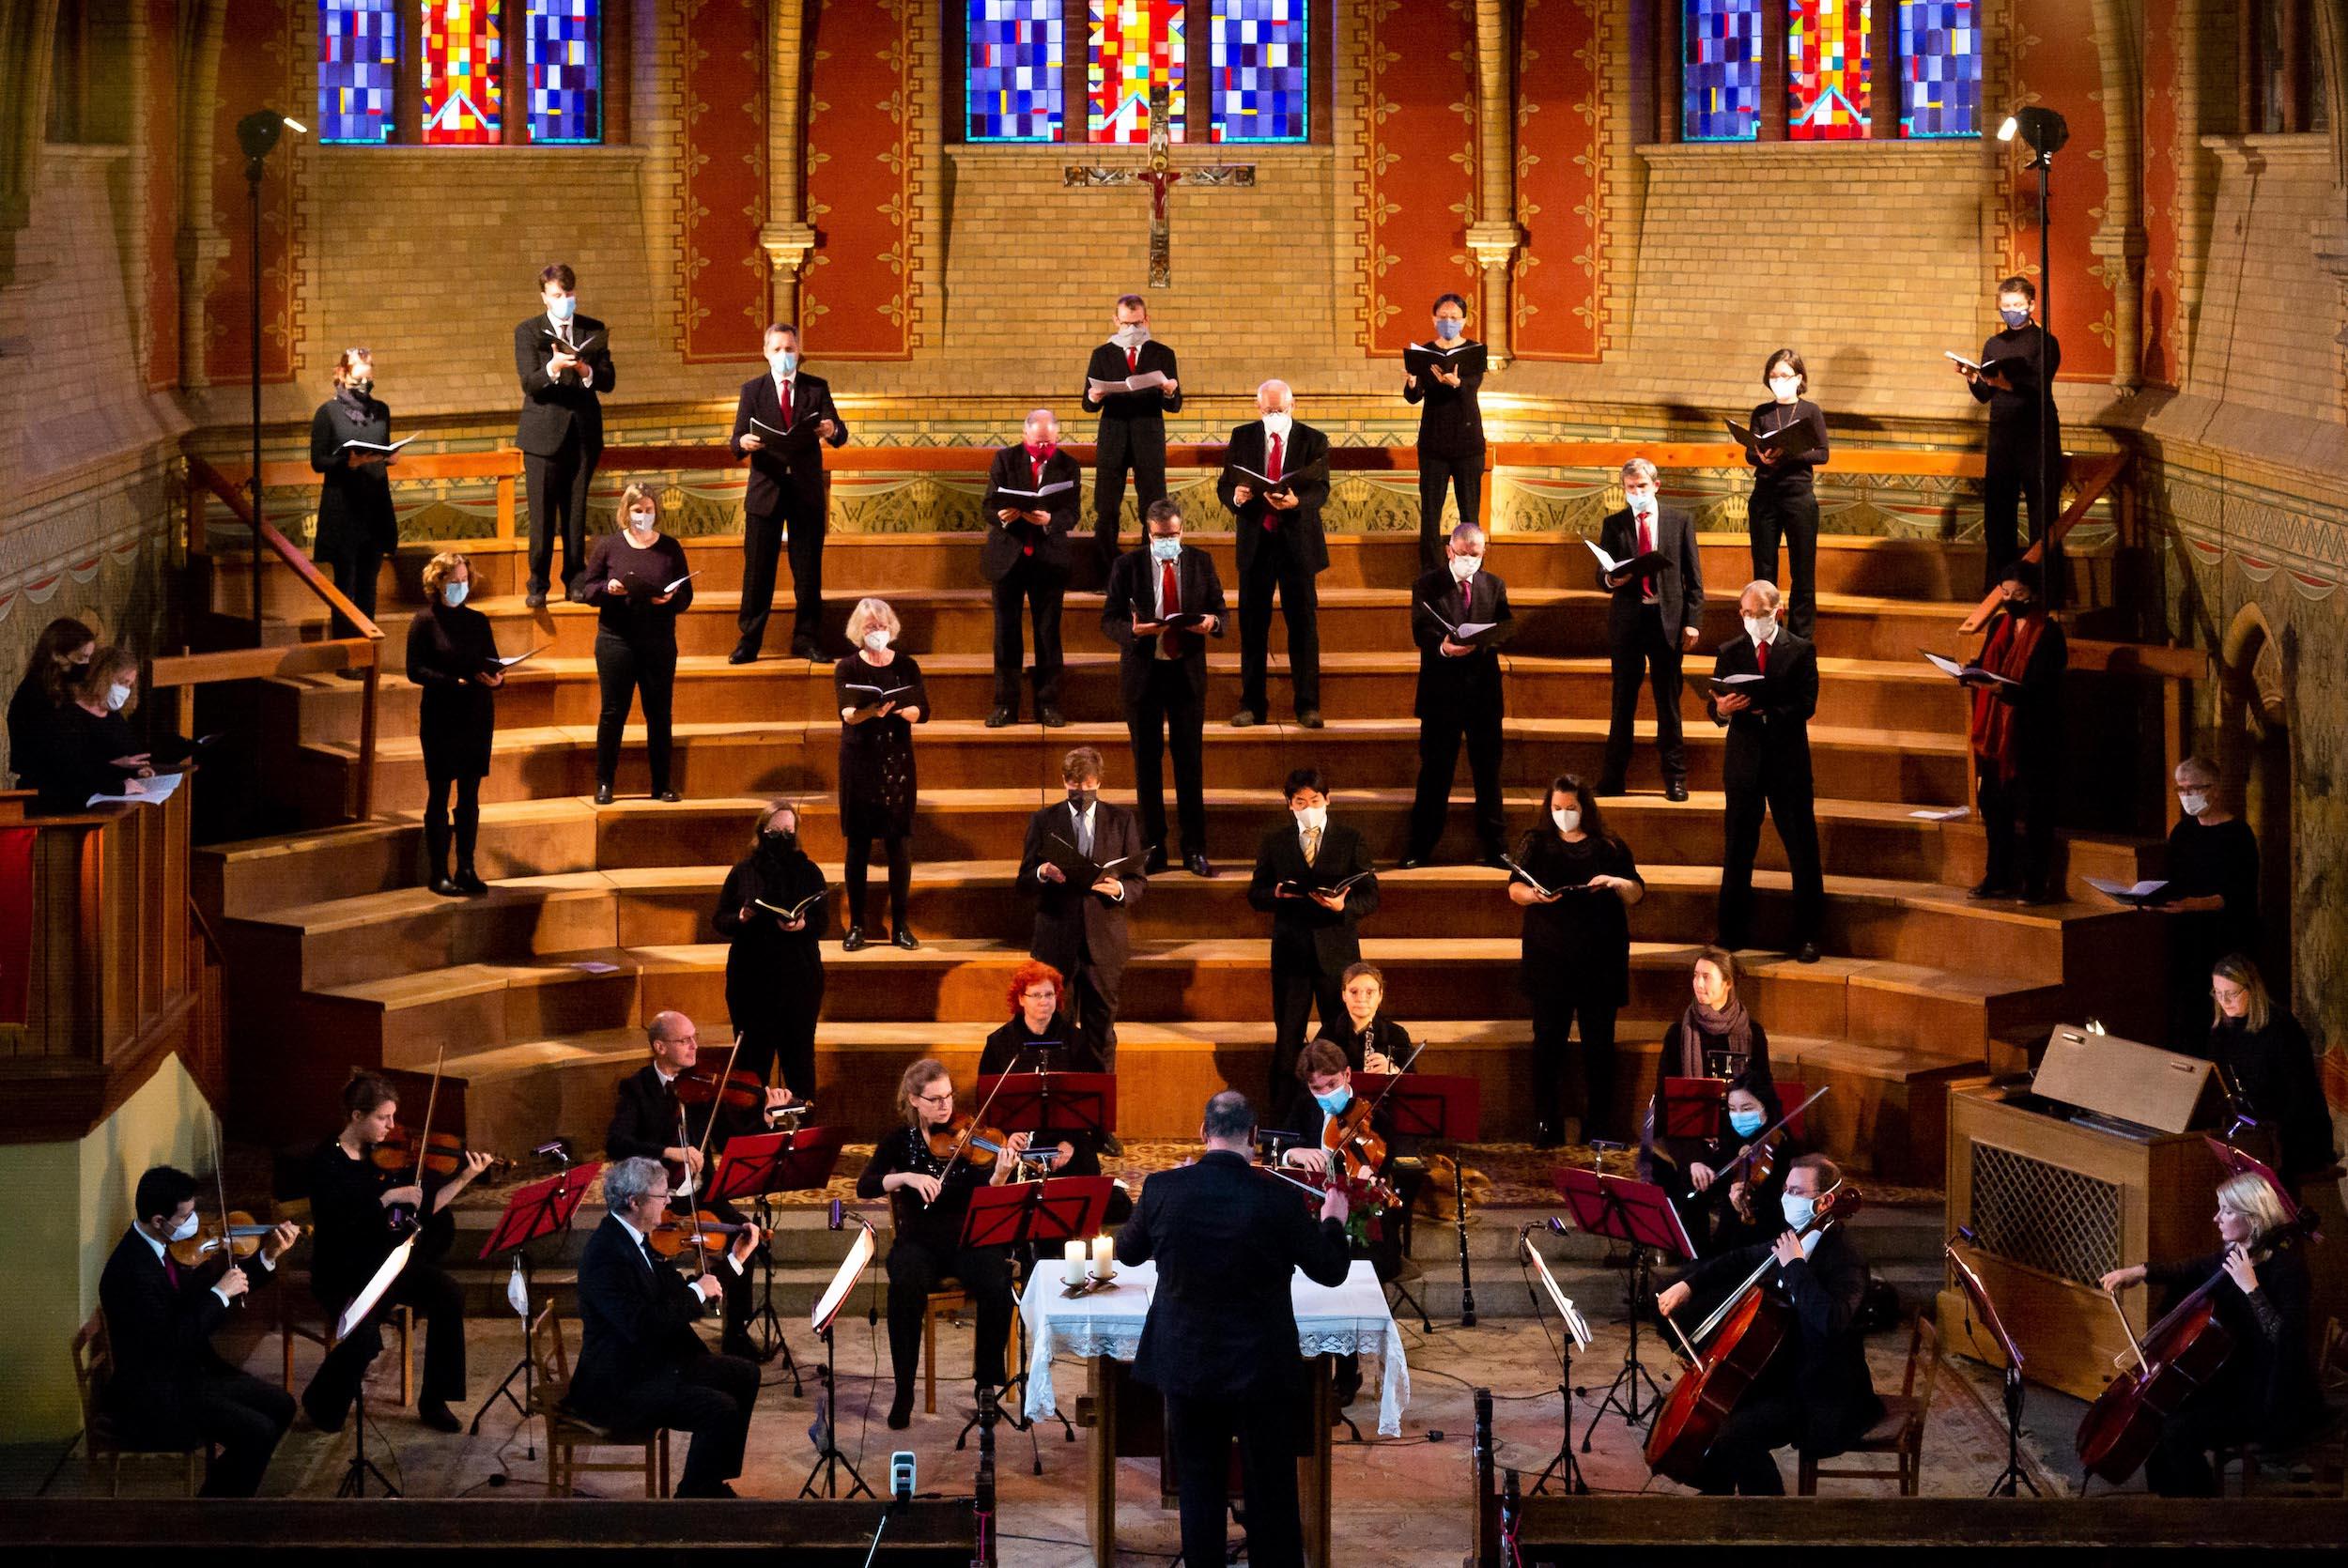 Singen im Gottesdienst »Feste Burg« am 31. Oktober 2020  (Foto: Andreas Fink)